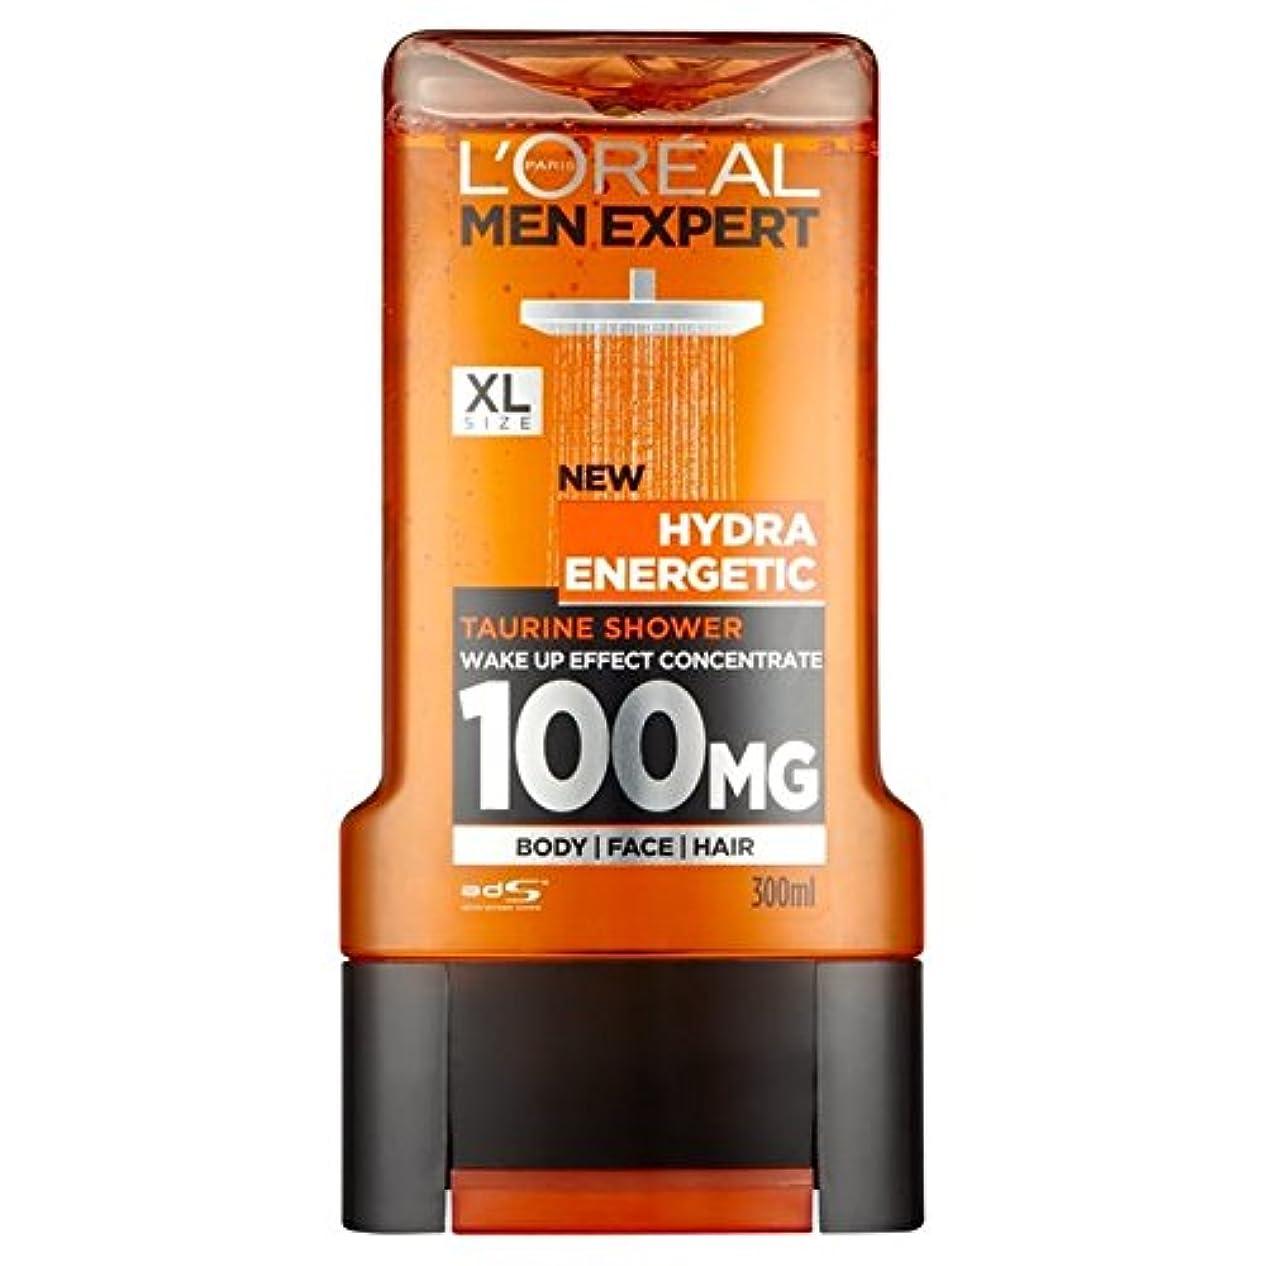 ロッド成分出席するL'Oreal Paris Men Expert Hydra Energetic Shower Gel 300ml - ロレアルパリのメンズ専門家ヒドラエネルギッシュなシャワージェル300ミリリットル [並行輸入品]